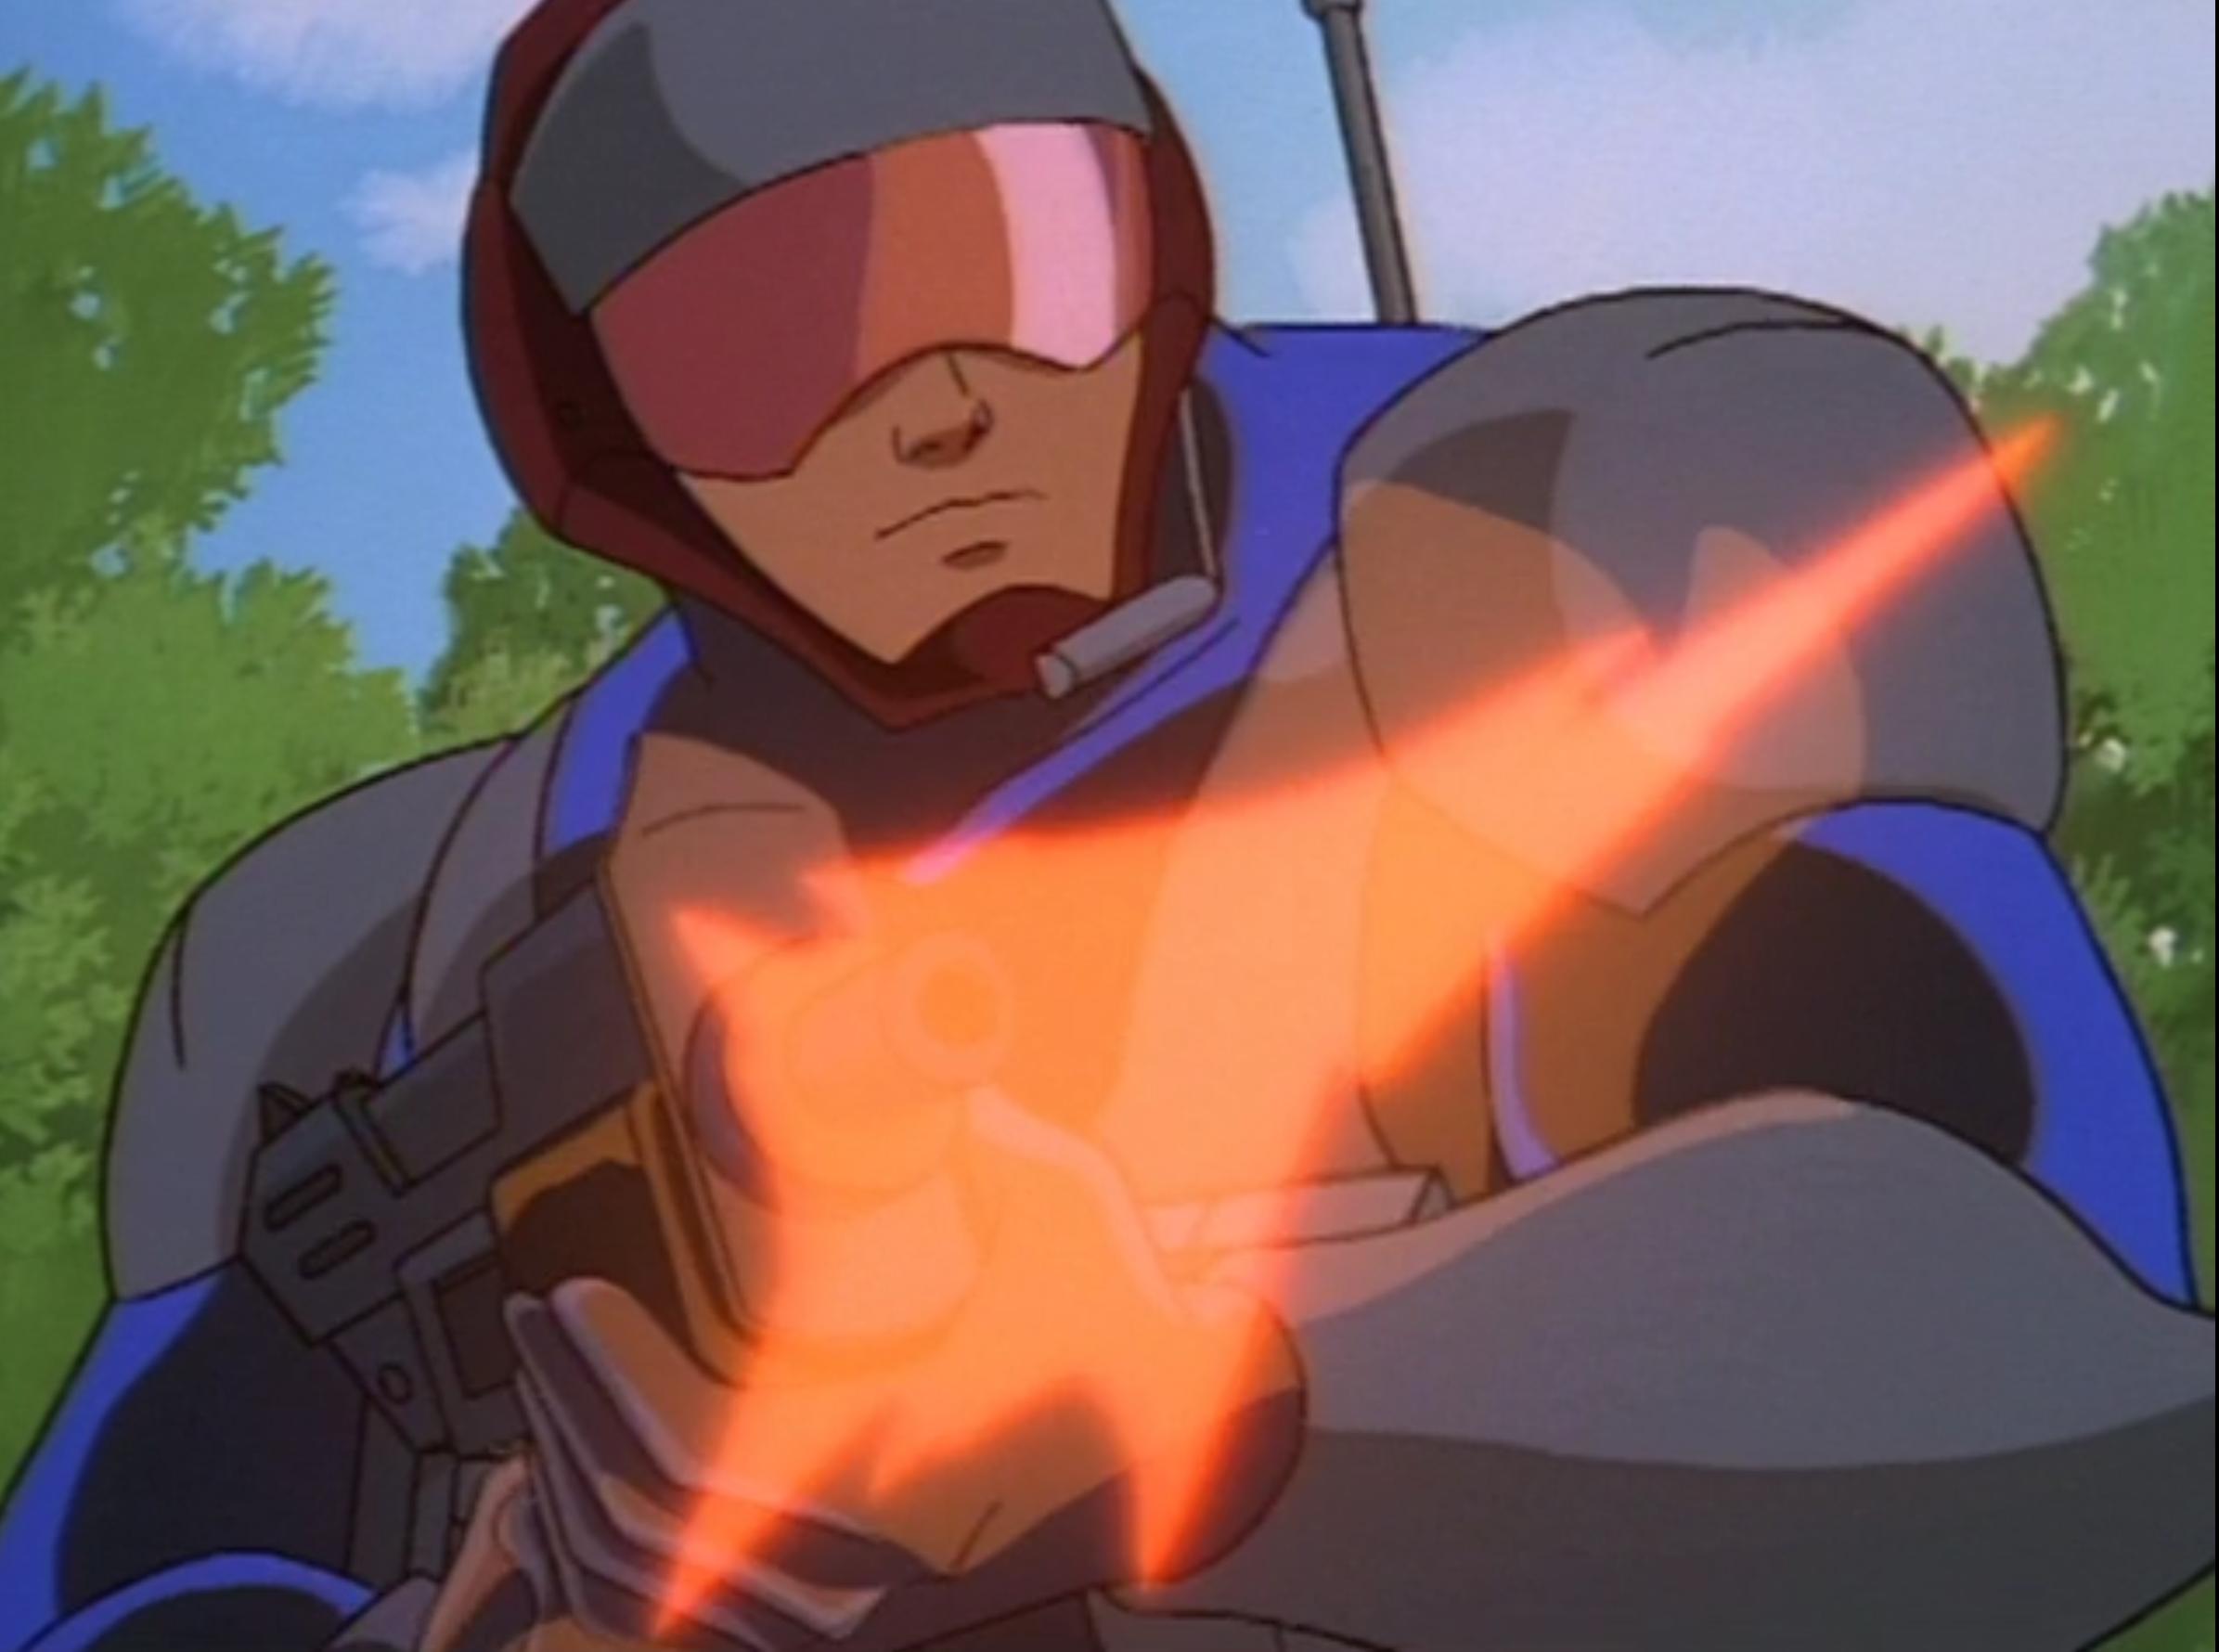 """A generic villain from """"Gargoyles"""" firing a gun."""